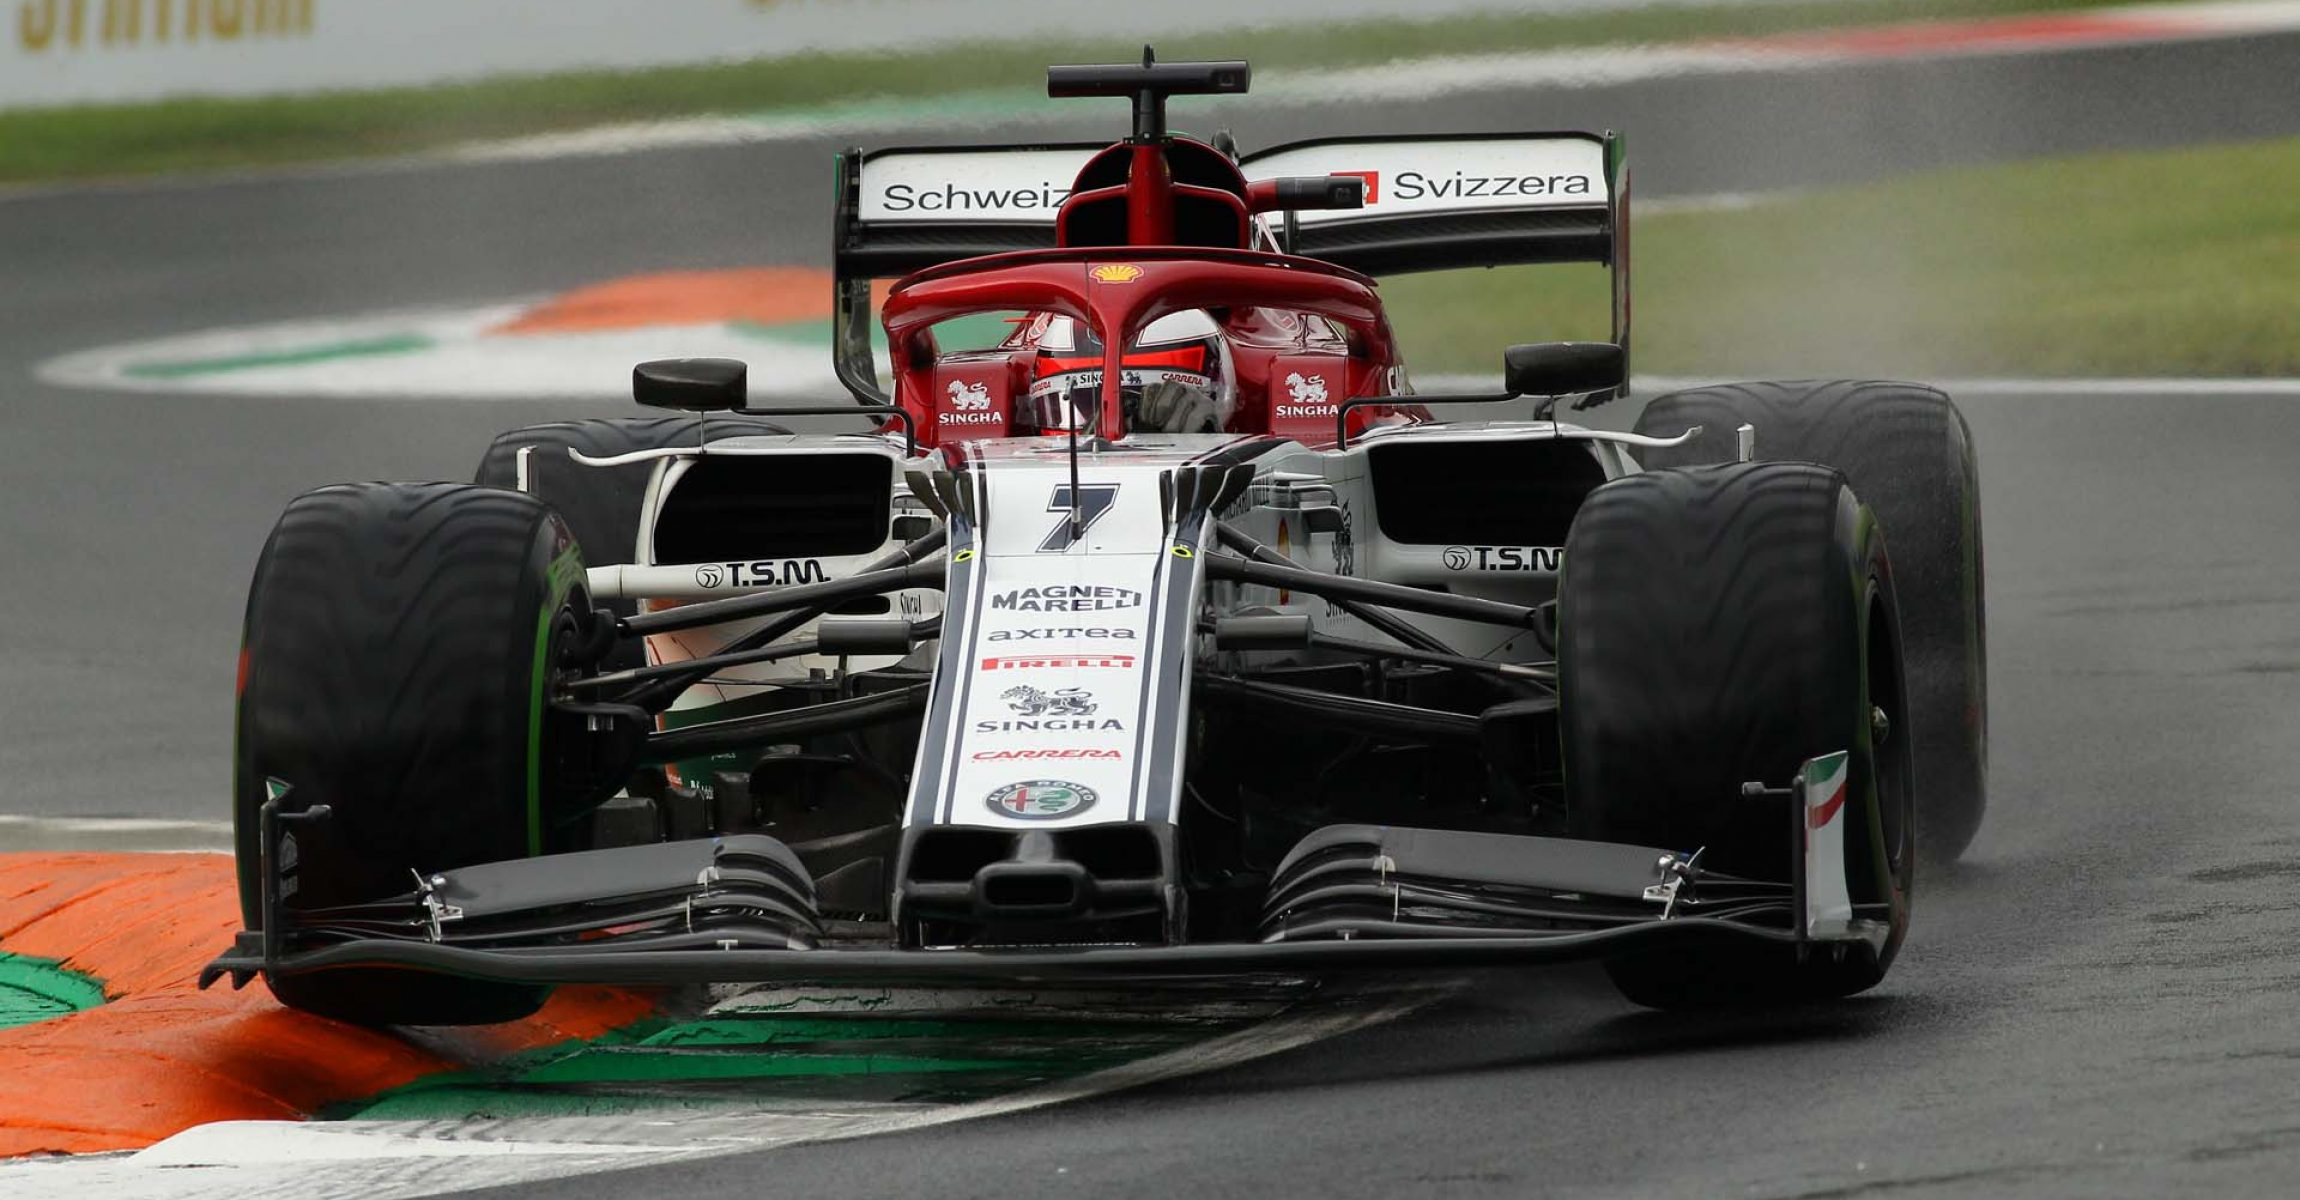 Italian Grand Prix 2019, Monza, Friday, Kimi Räikkönen, Alfa Romeo